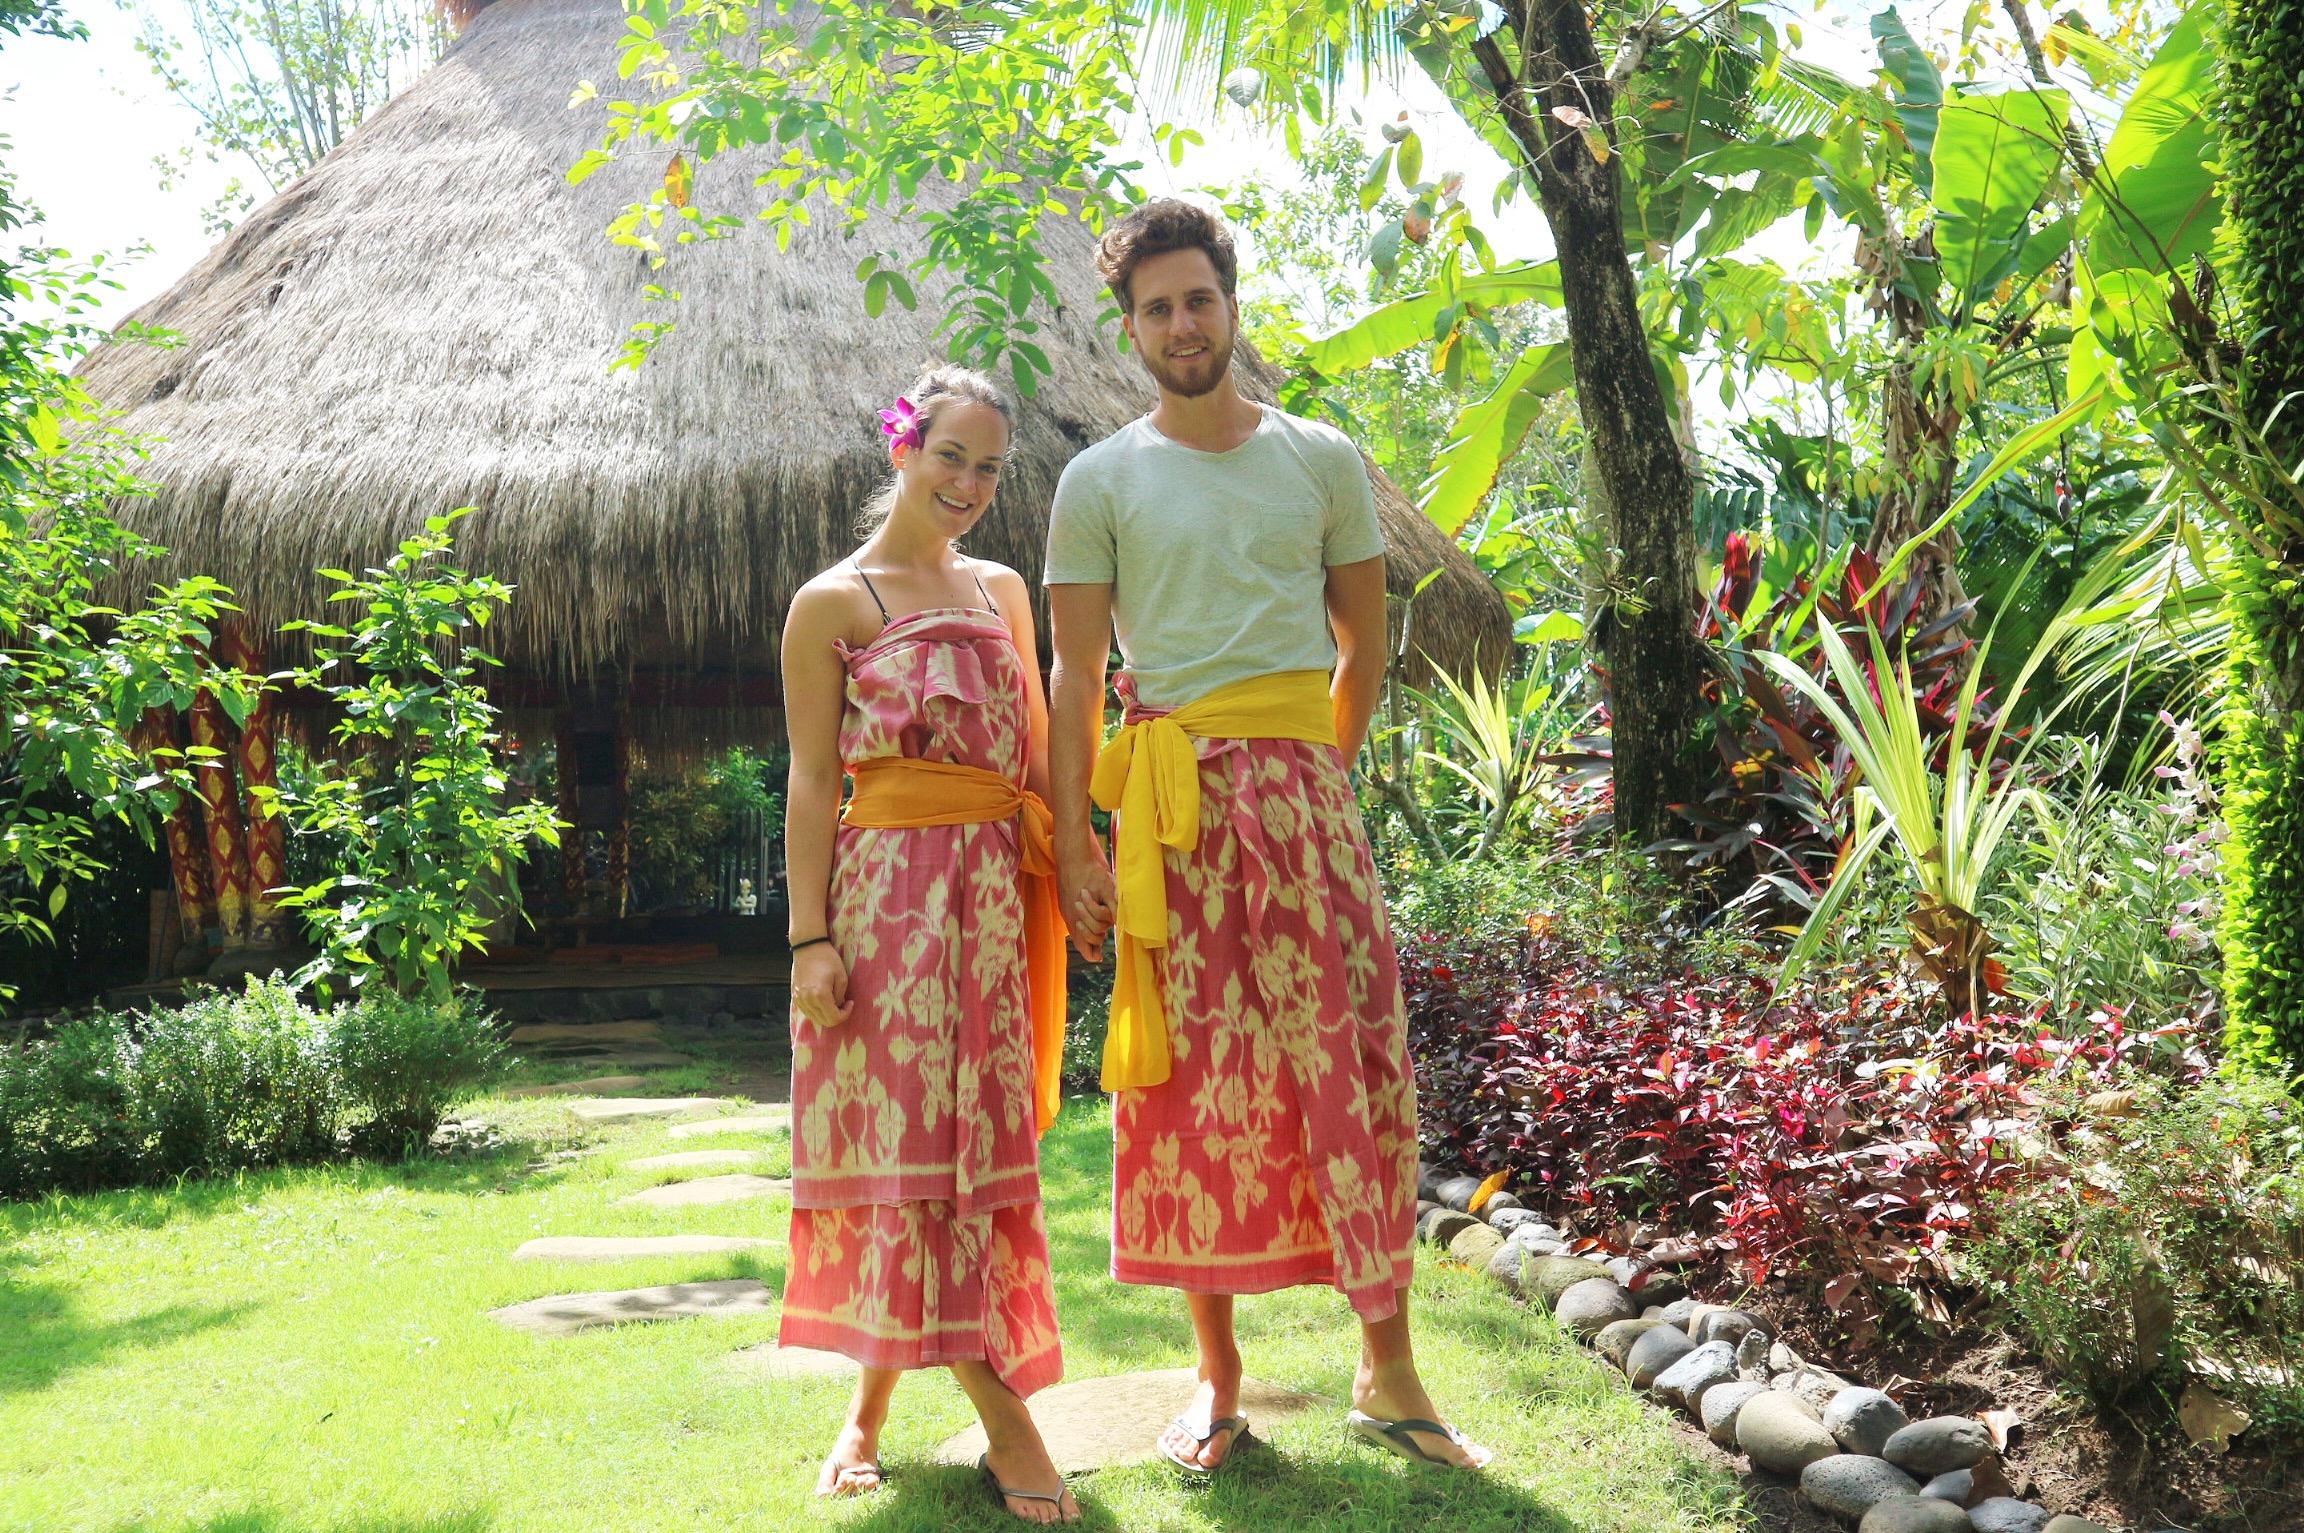 Reizen, wereldreis, Bali, Ubud, kookworkshop, xmariekie, backpack, eten, food, Indonesië, zon, zee, strand, vakantie